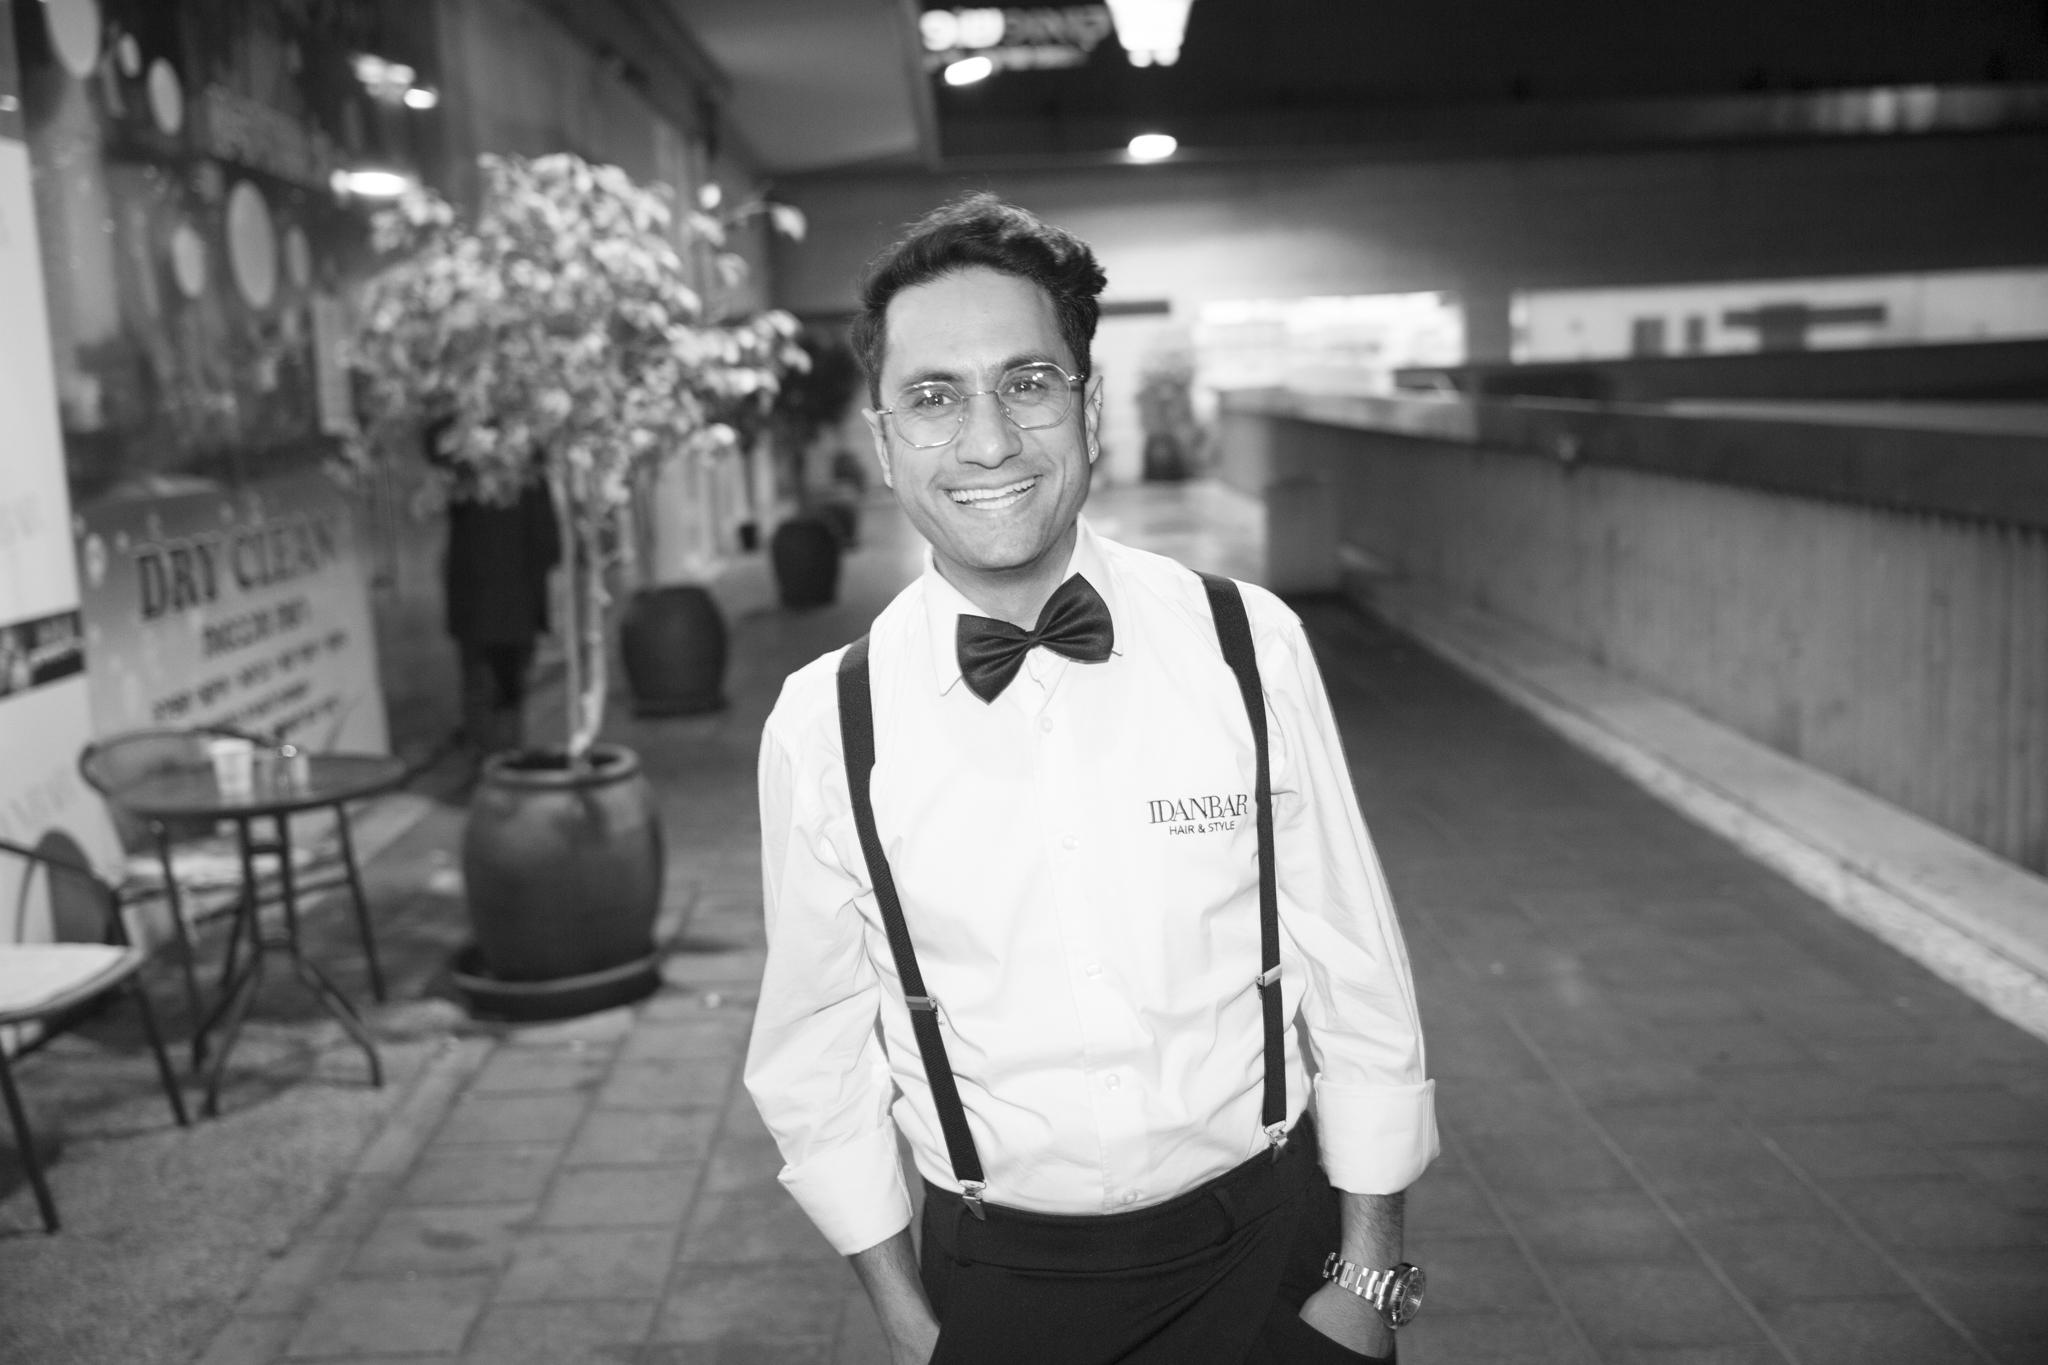 מעצב השיער עידן בר מונה לשגריר  שוורצקופף פרופשיונל בישראל. צילום- DVISION